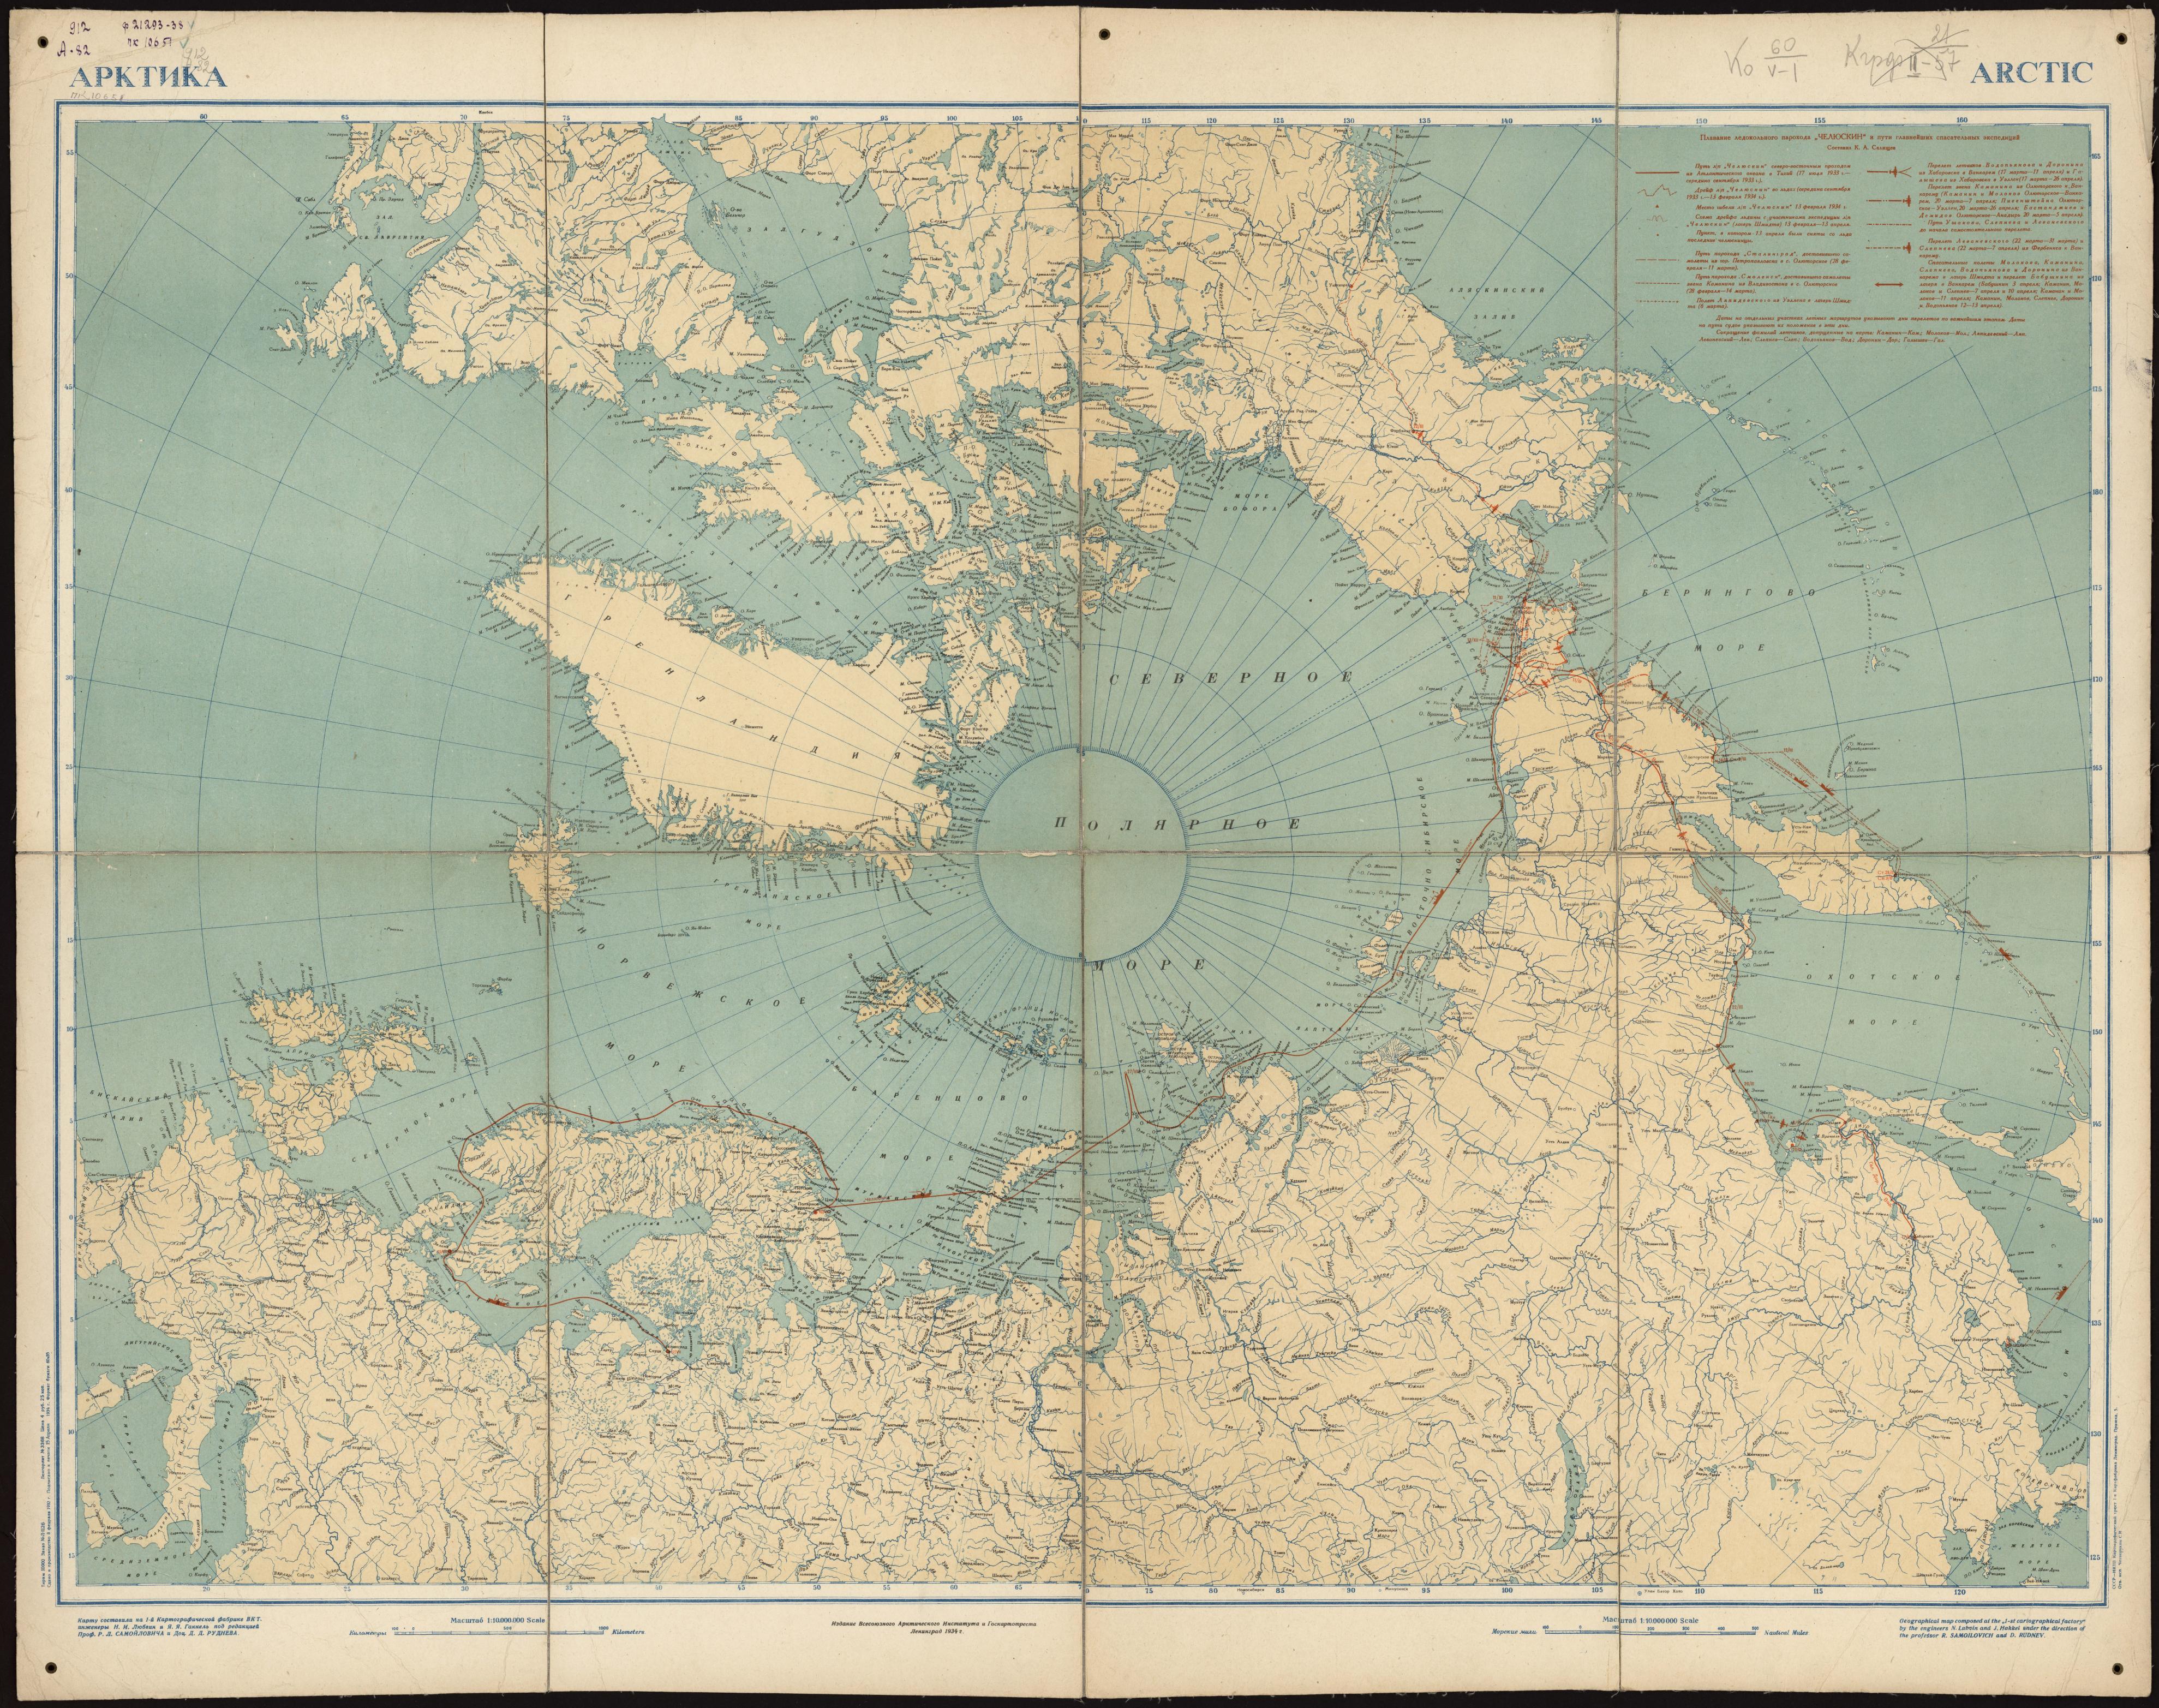 1934. Плавание ледокольного парохода Челюскин и пути главнейших спасательных экспедиций